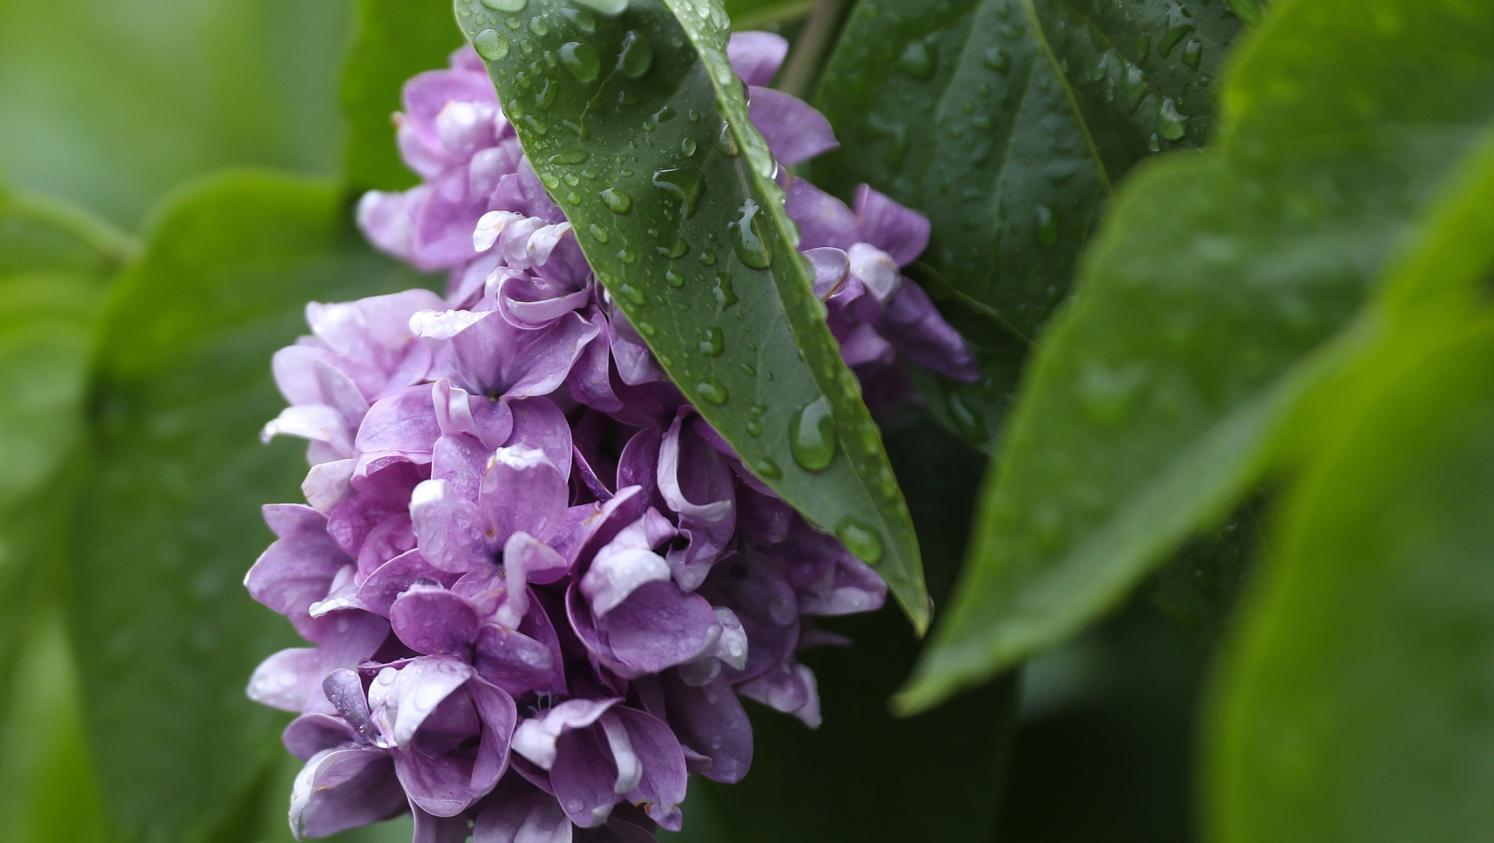 Jardin quand le lierre parasite le lilas - Comment se debarrasser du lierre ...